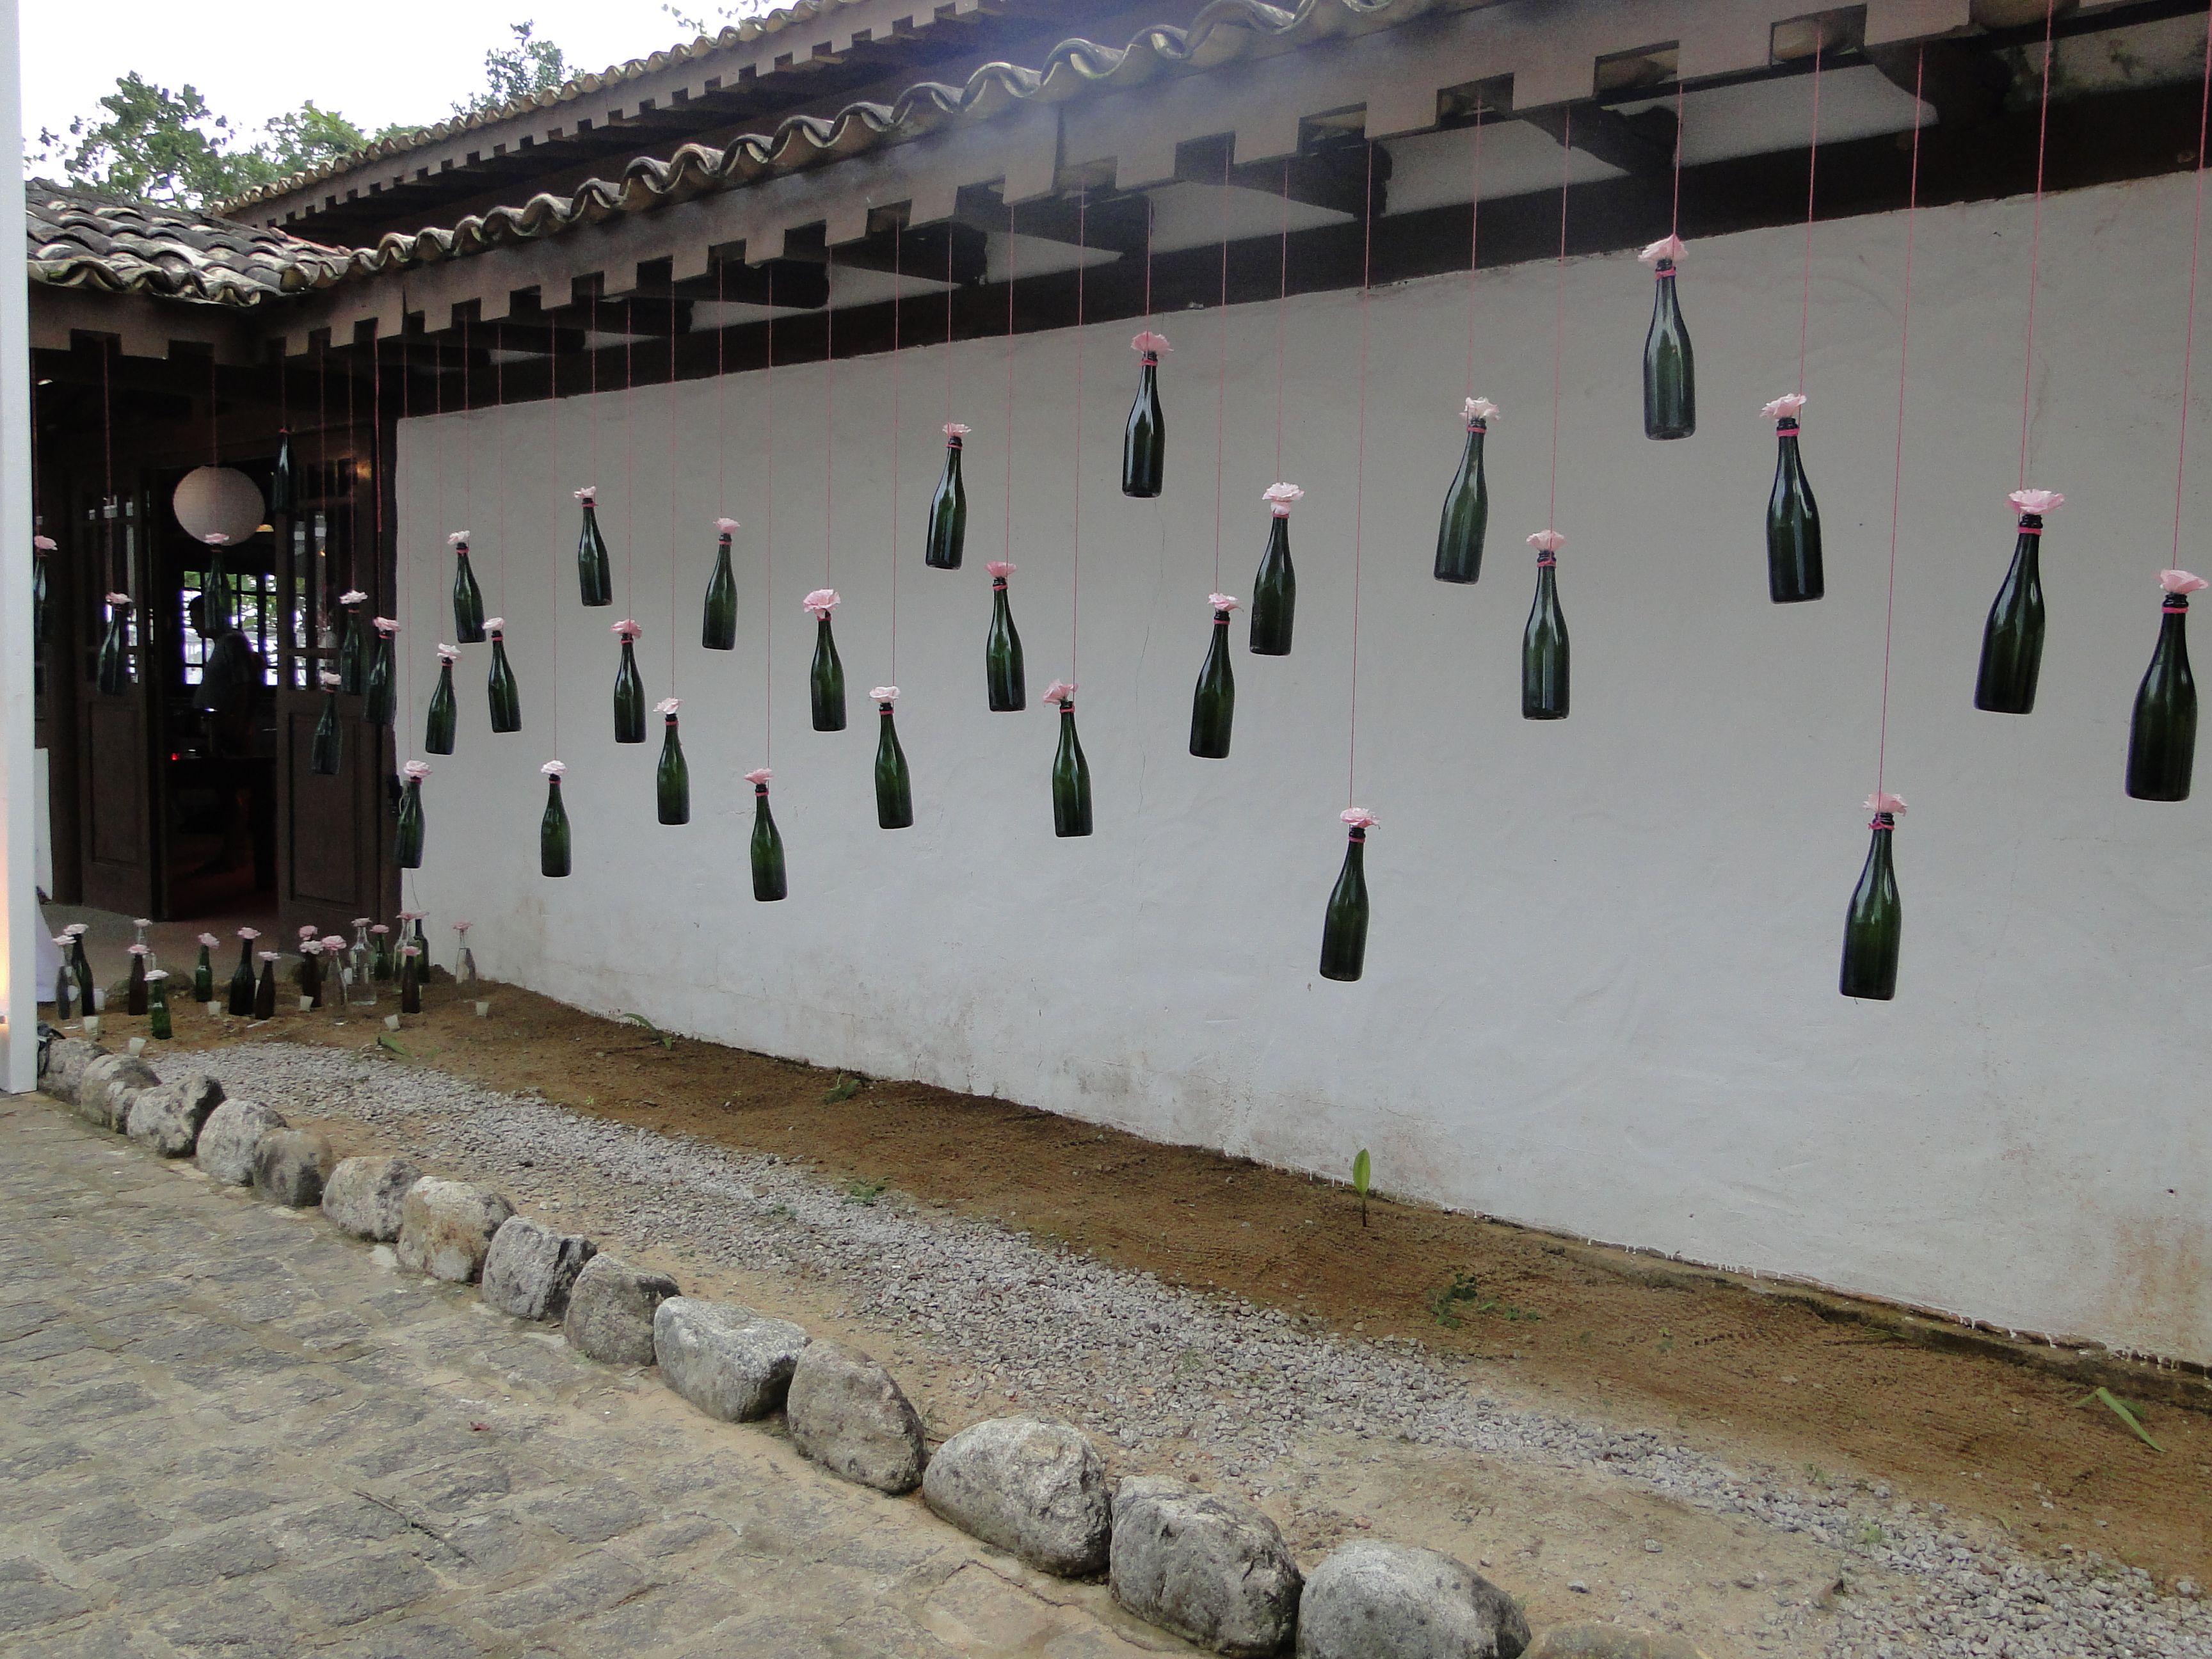 garrafas pendentes